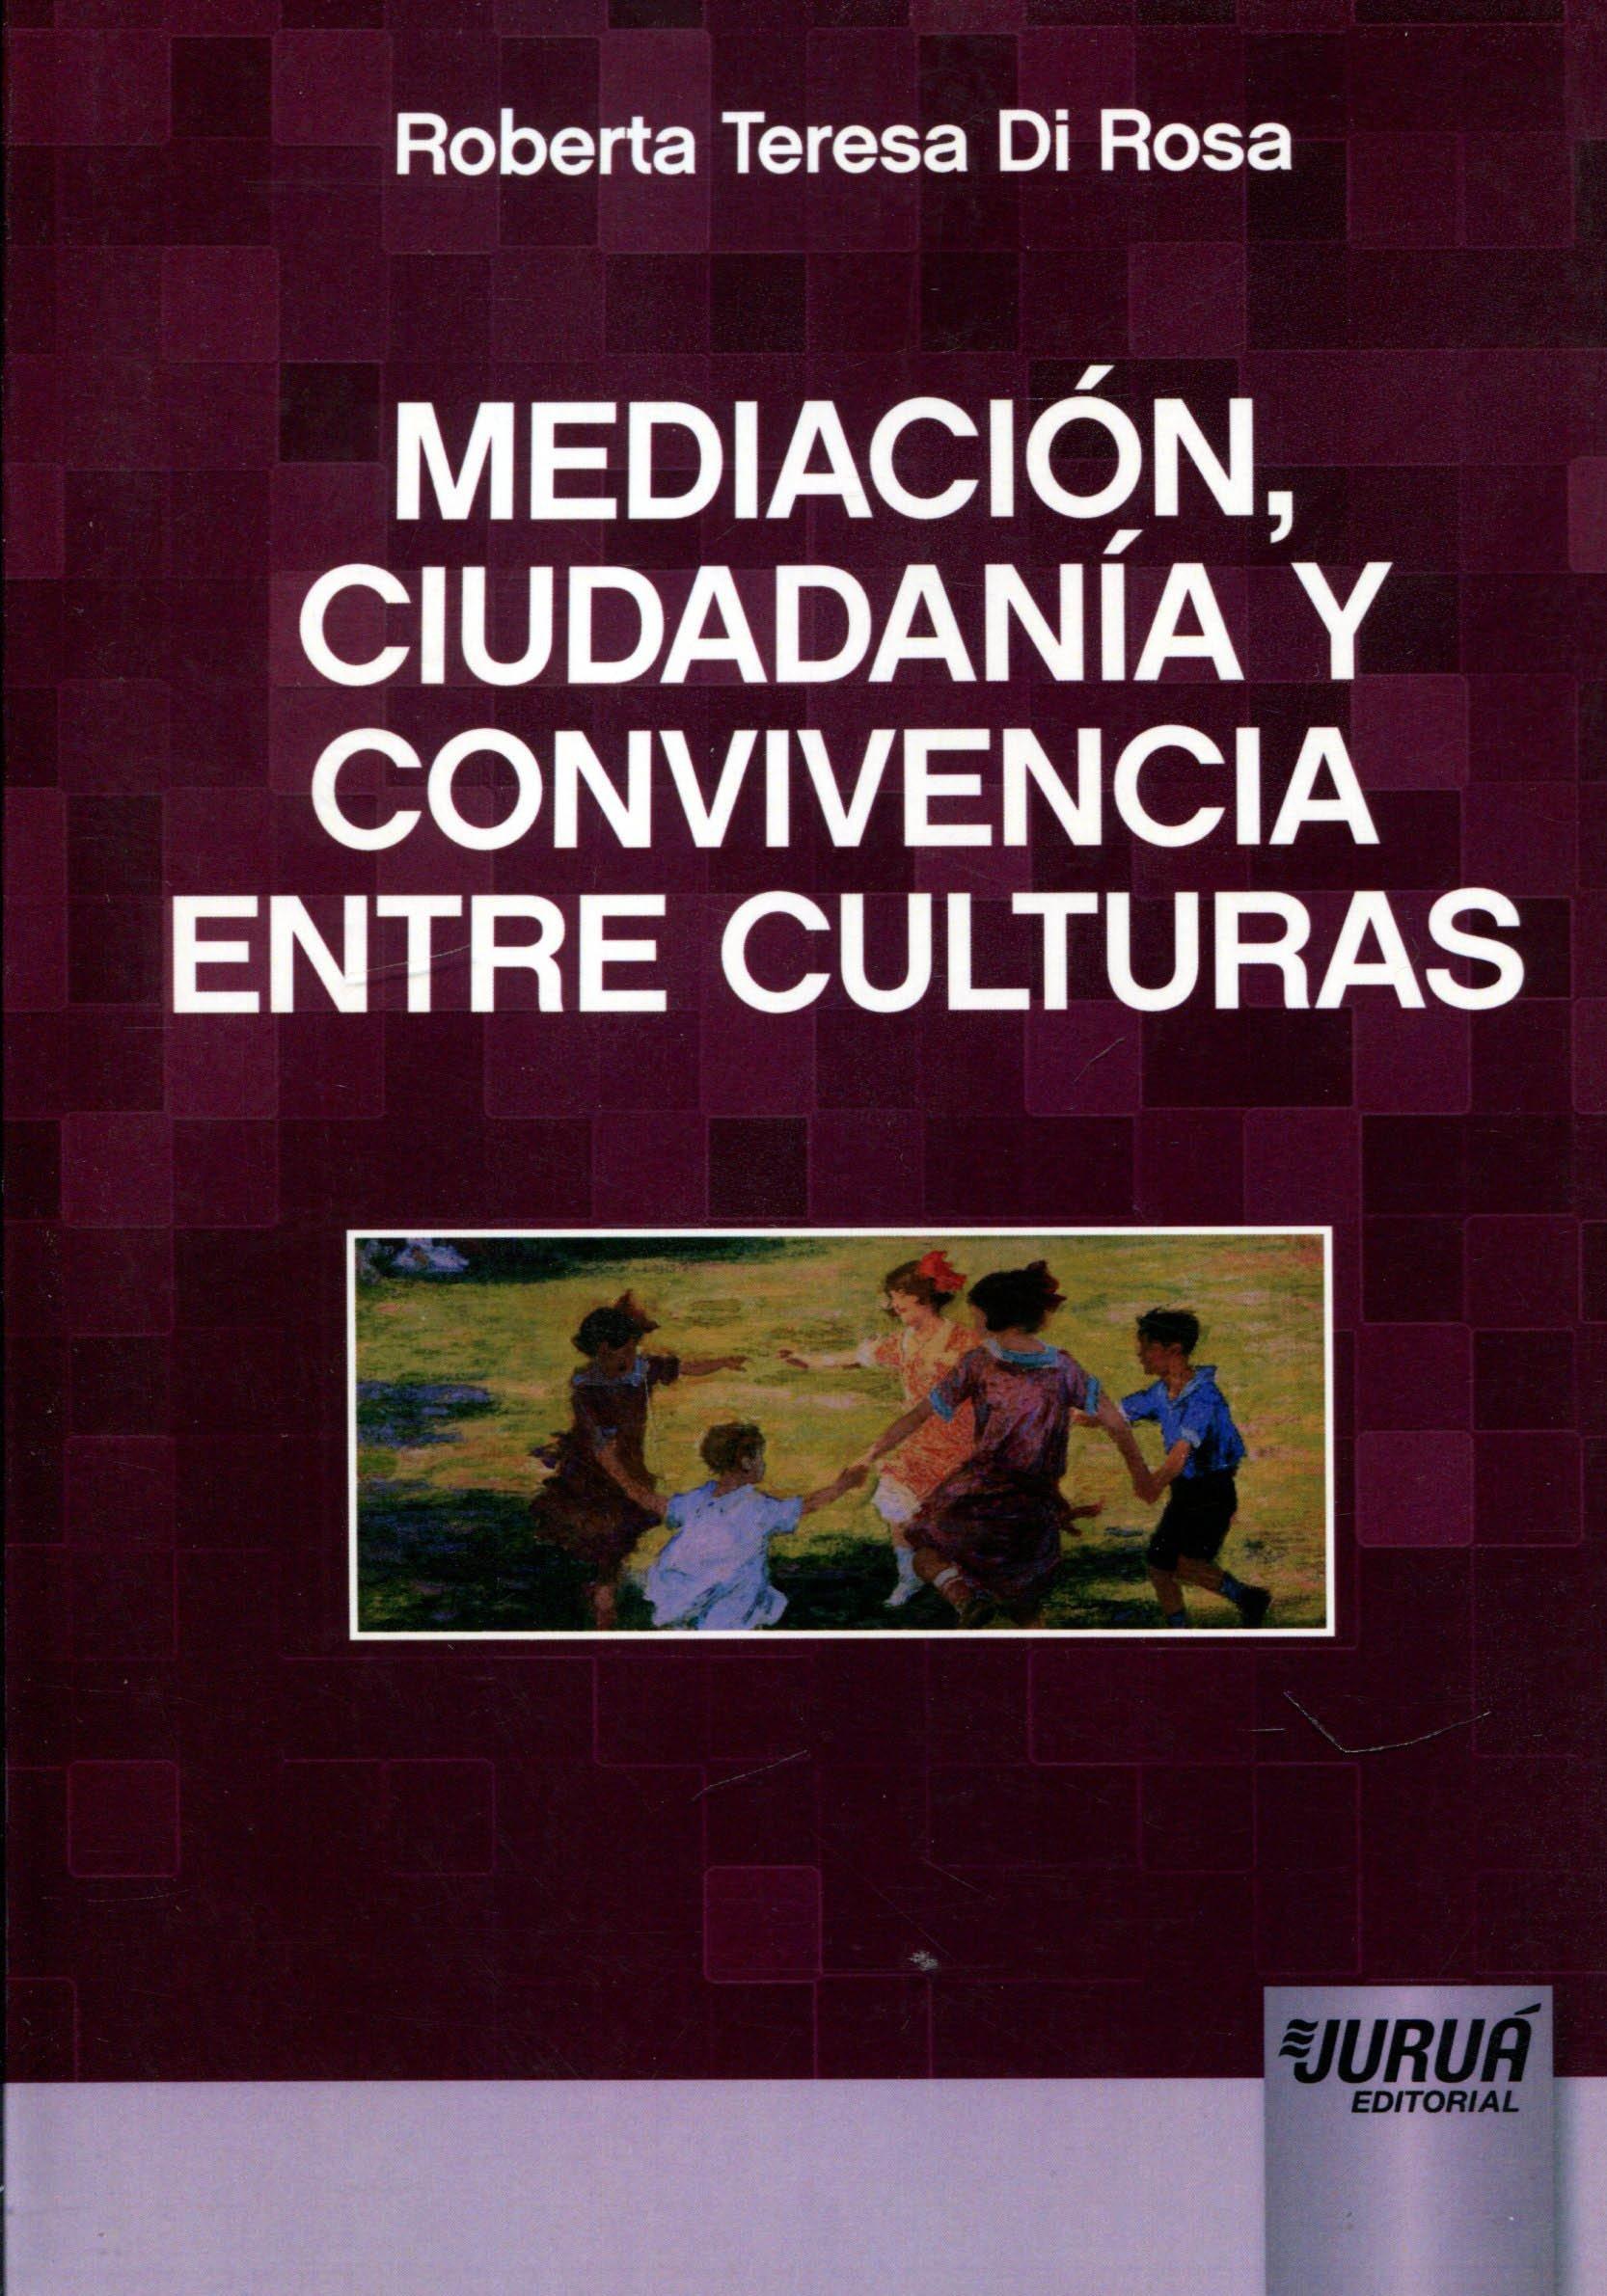 Mediación, Ciudadanía y Convivencia Entre Culturas: Roberta Teresa Di Rosa: 9788536253701: Amazon.com: Books